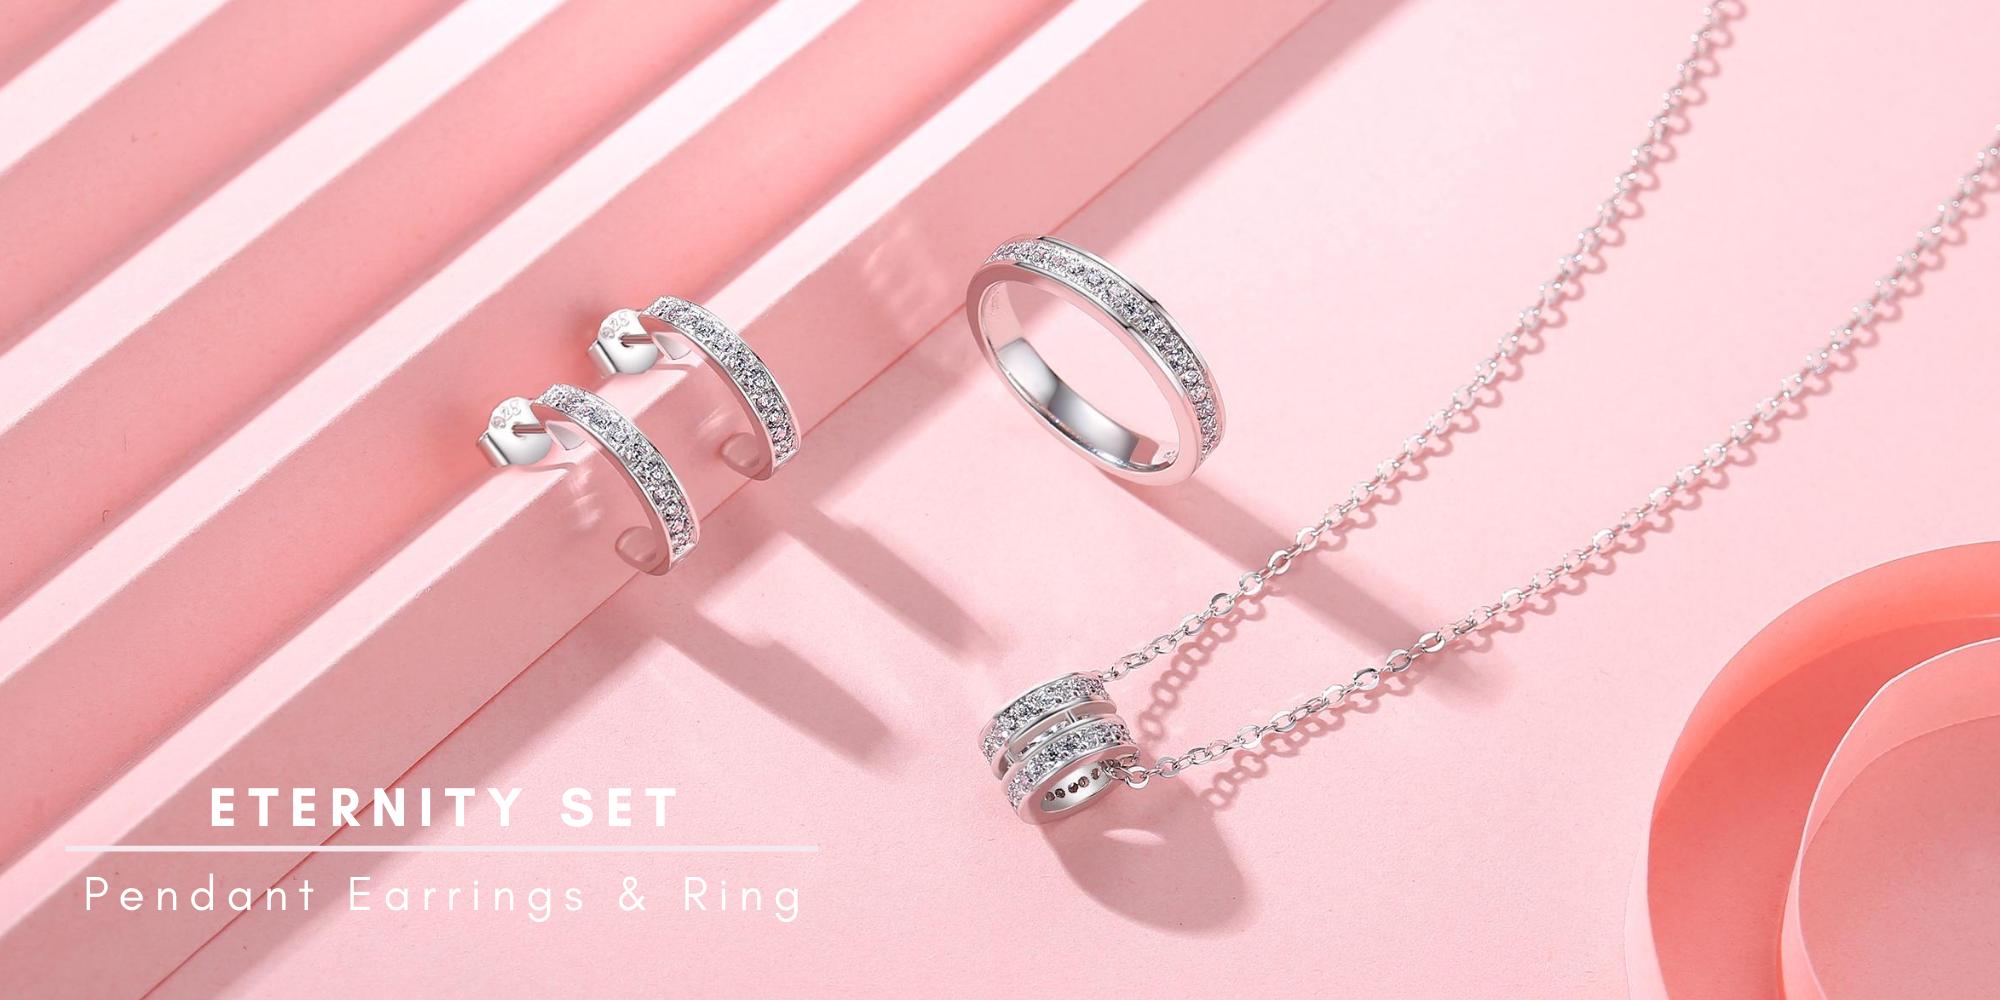 Eternity Jewellery Set